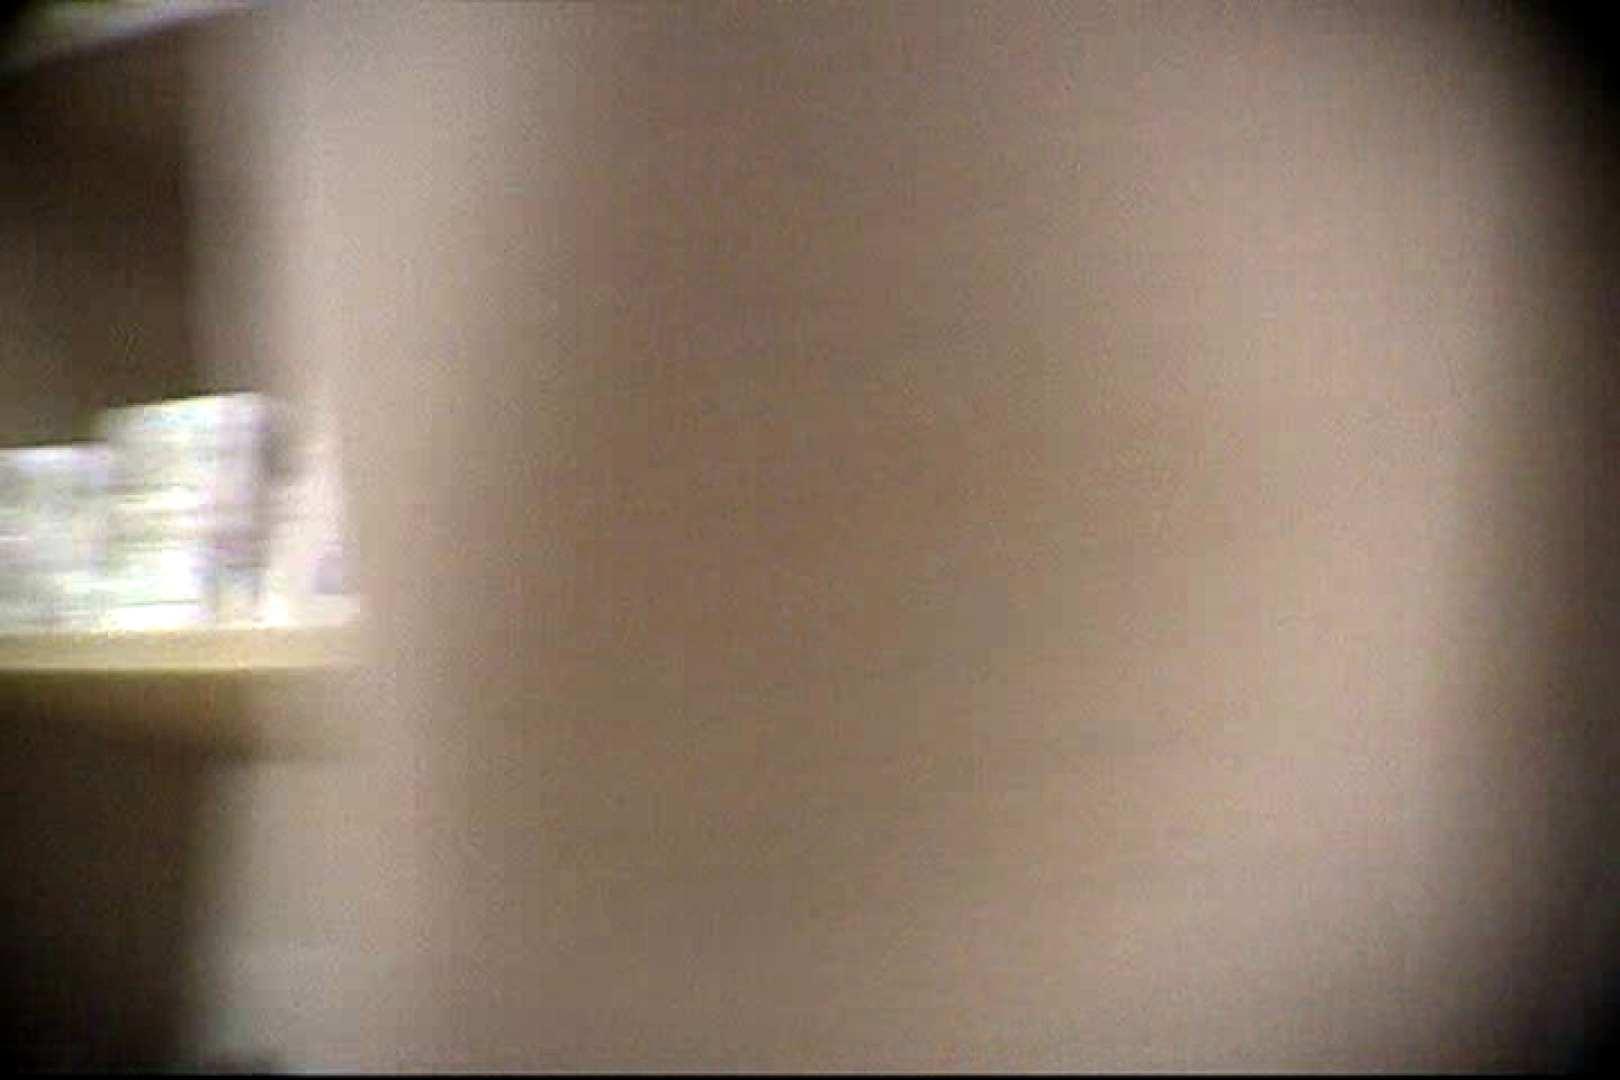 がぶりより!!ムレヌレパンツVol.1 パンチラ SEX無修正画像 88画像 33